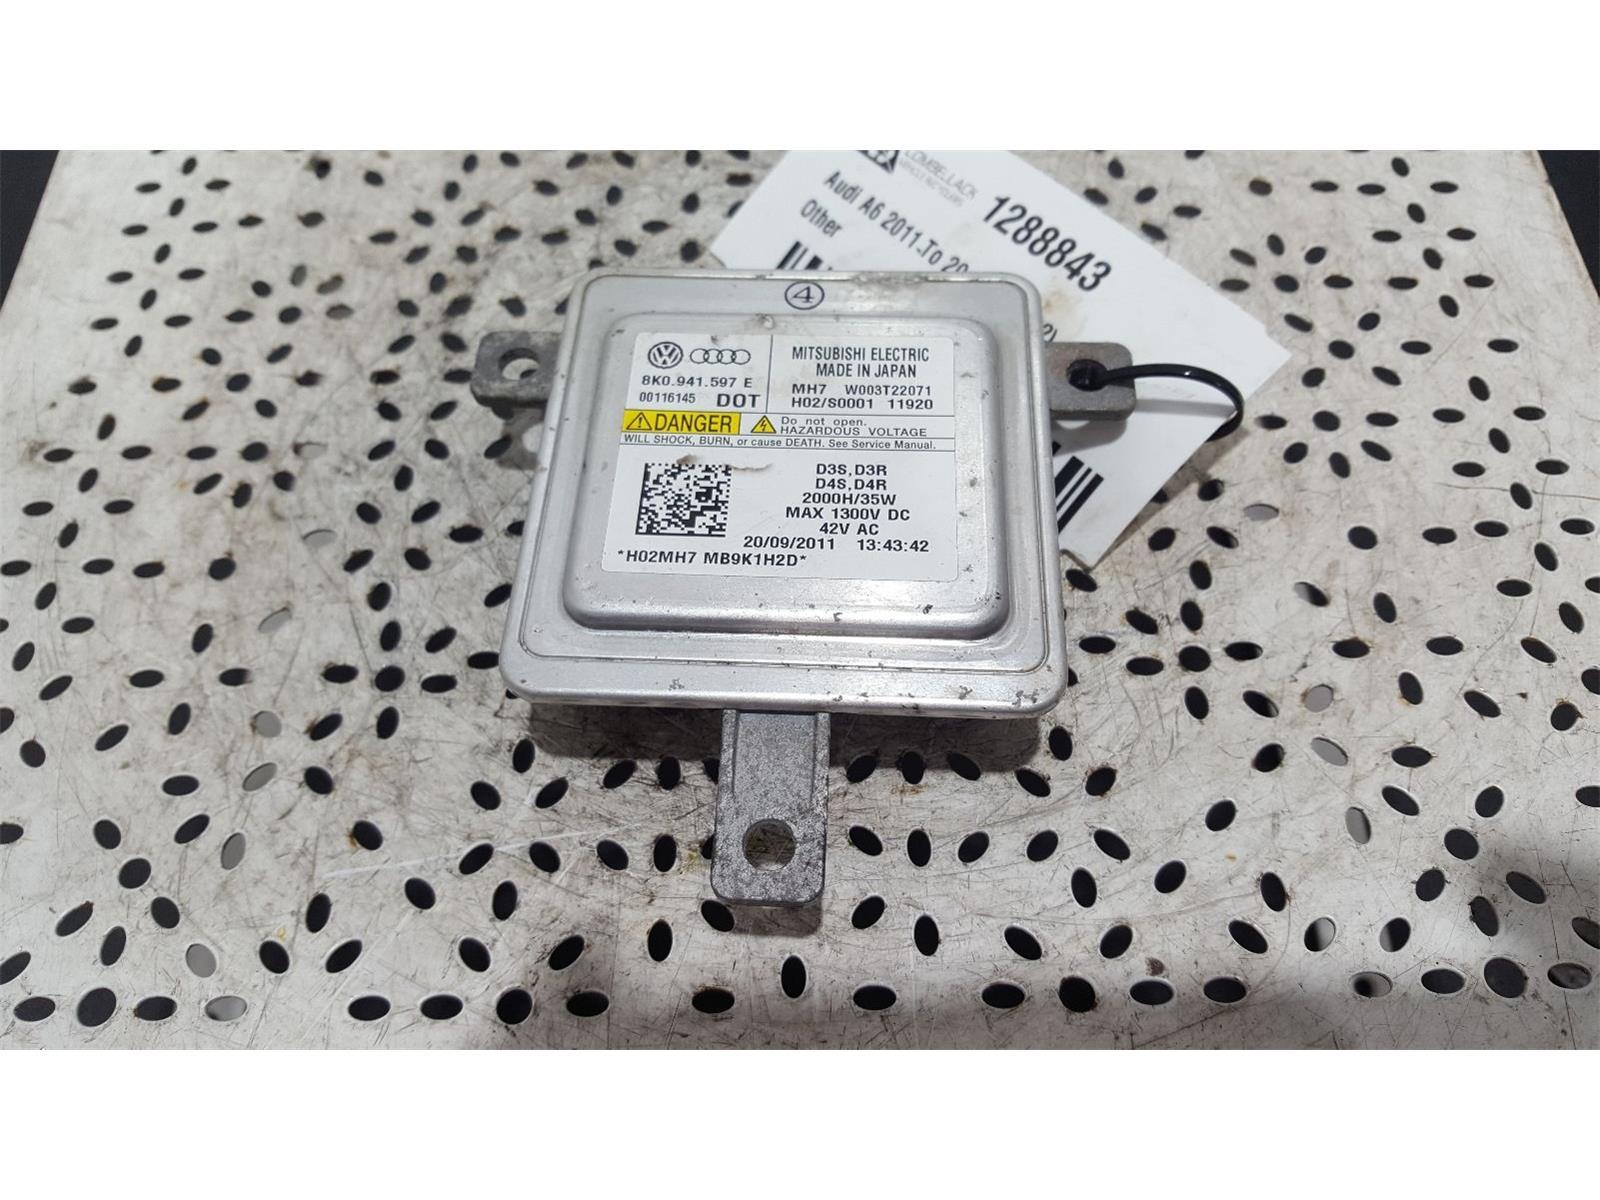 Audi A6 2011 To 2014 5 Door Estate Xenon headlight control ballast (8K0941597E)